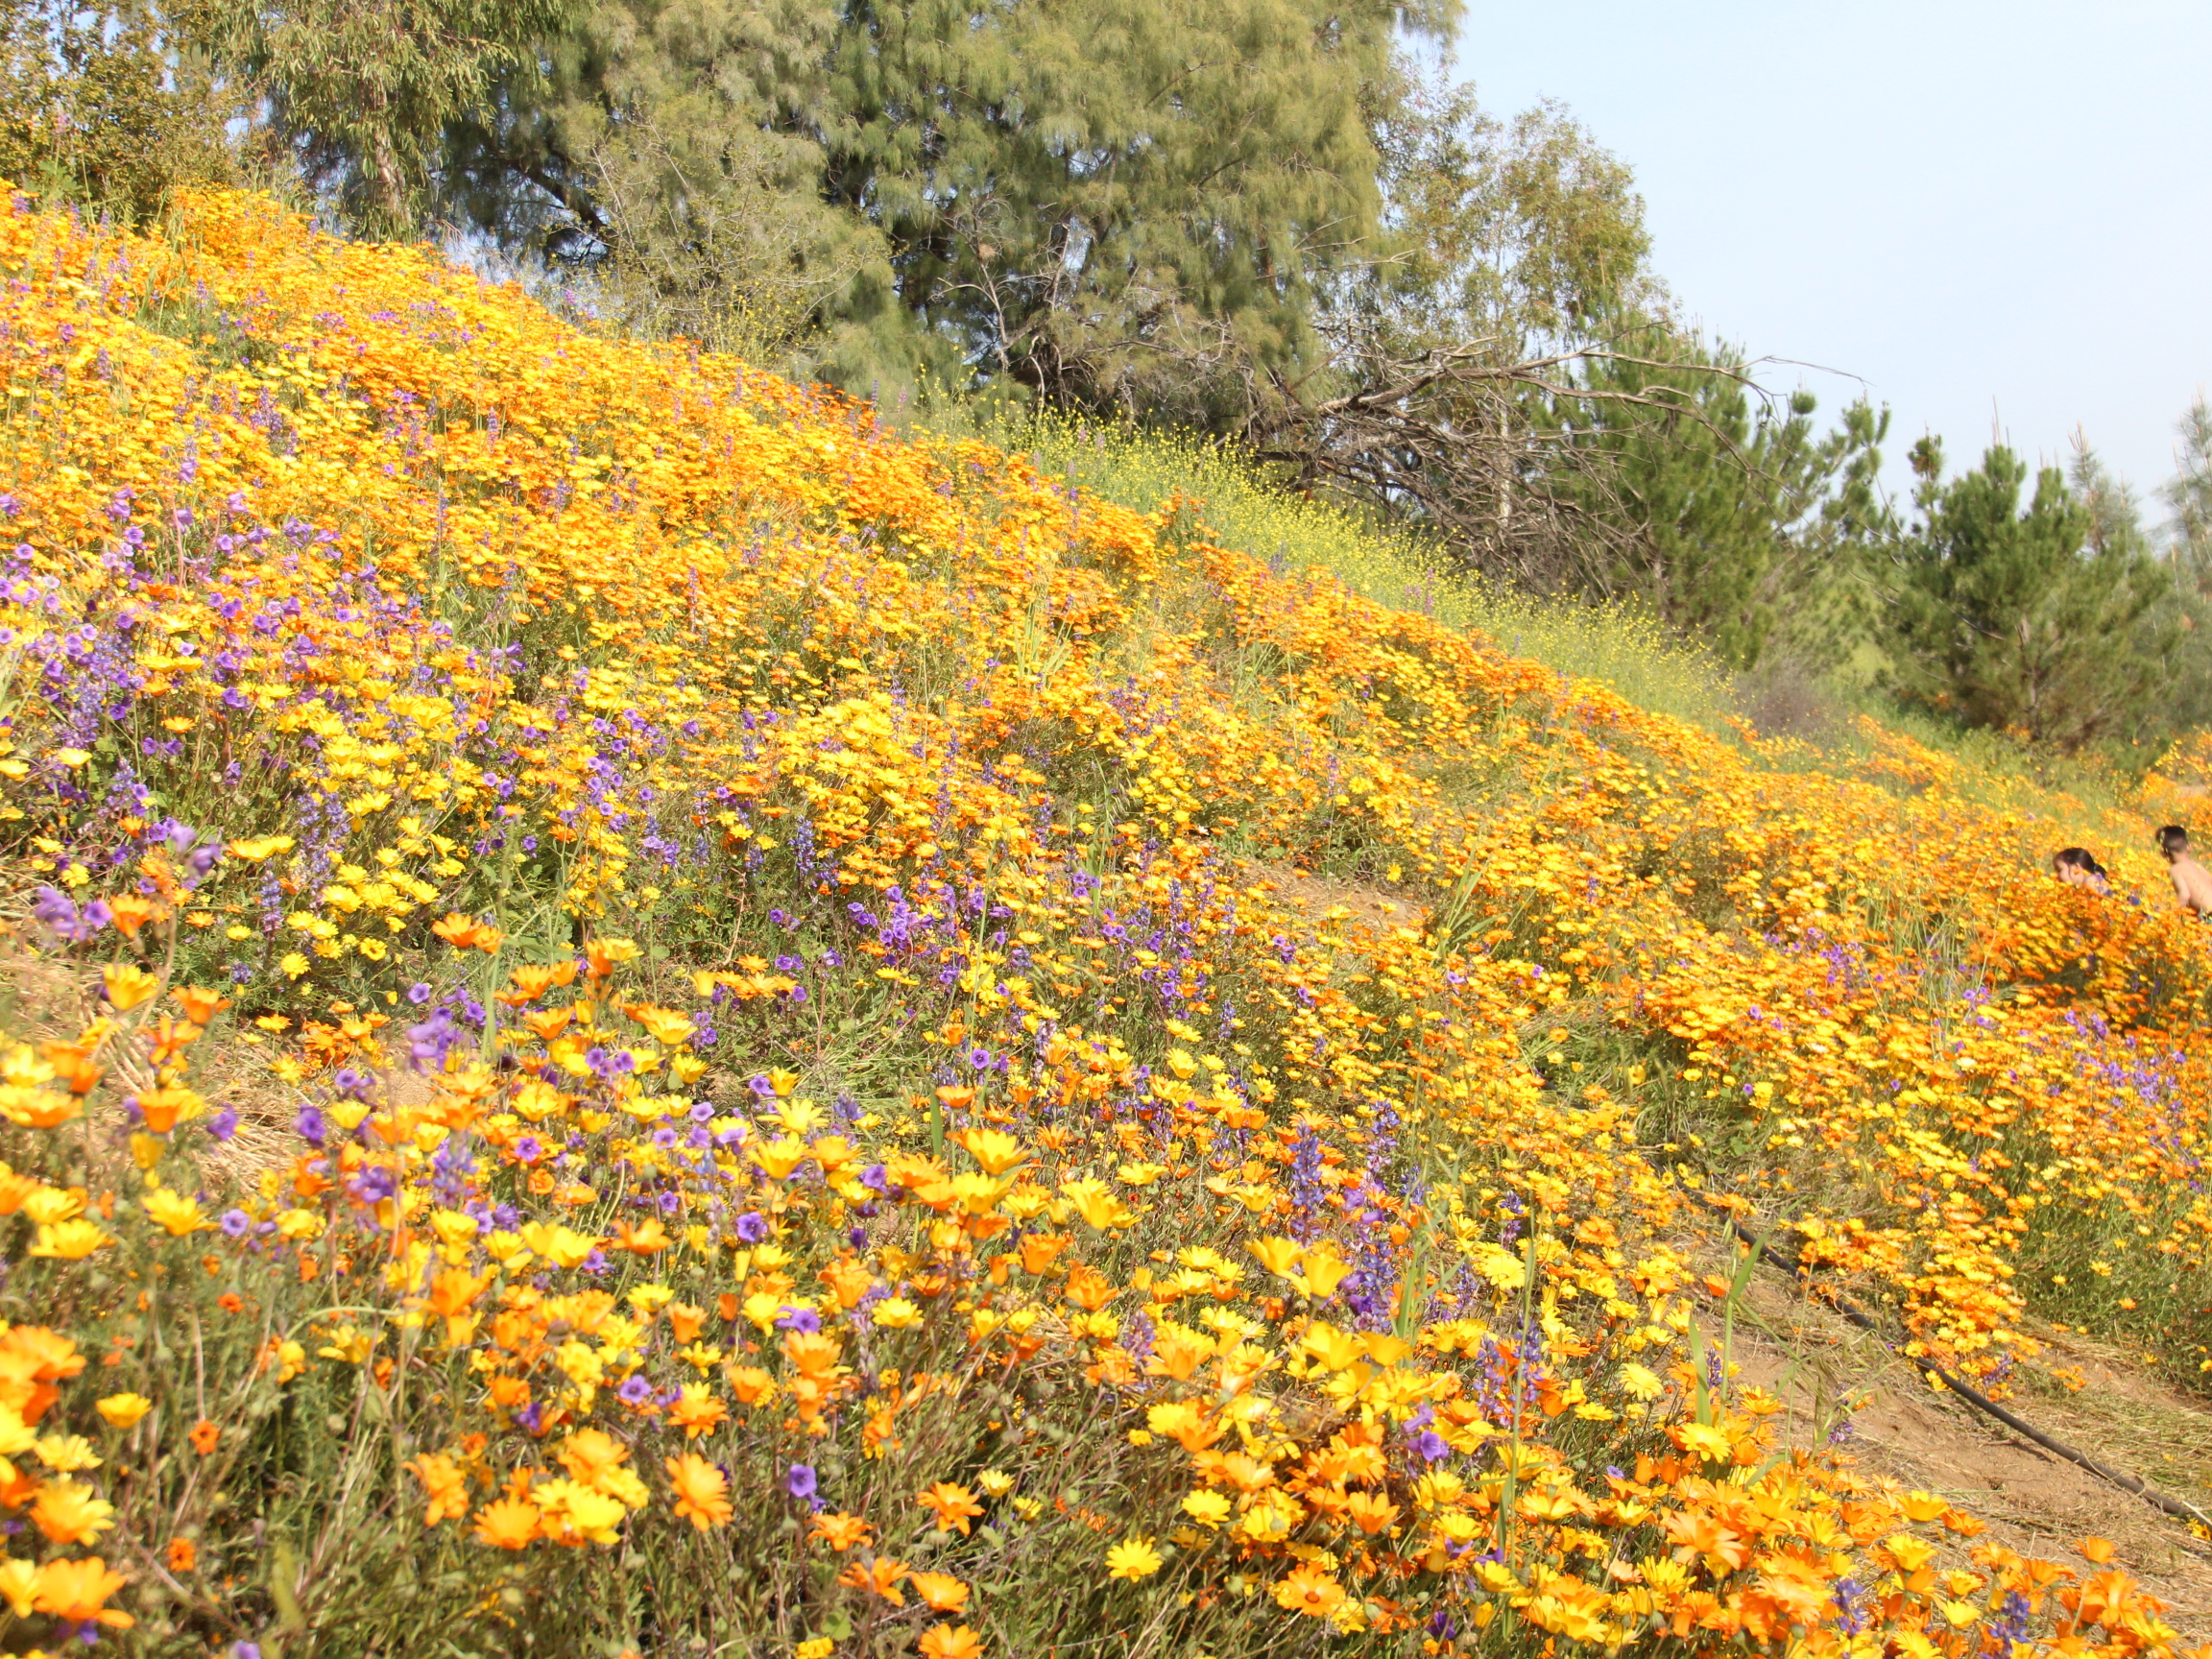 Frühlingsanfang in den kalifornischen Berghängen